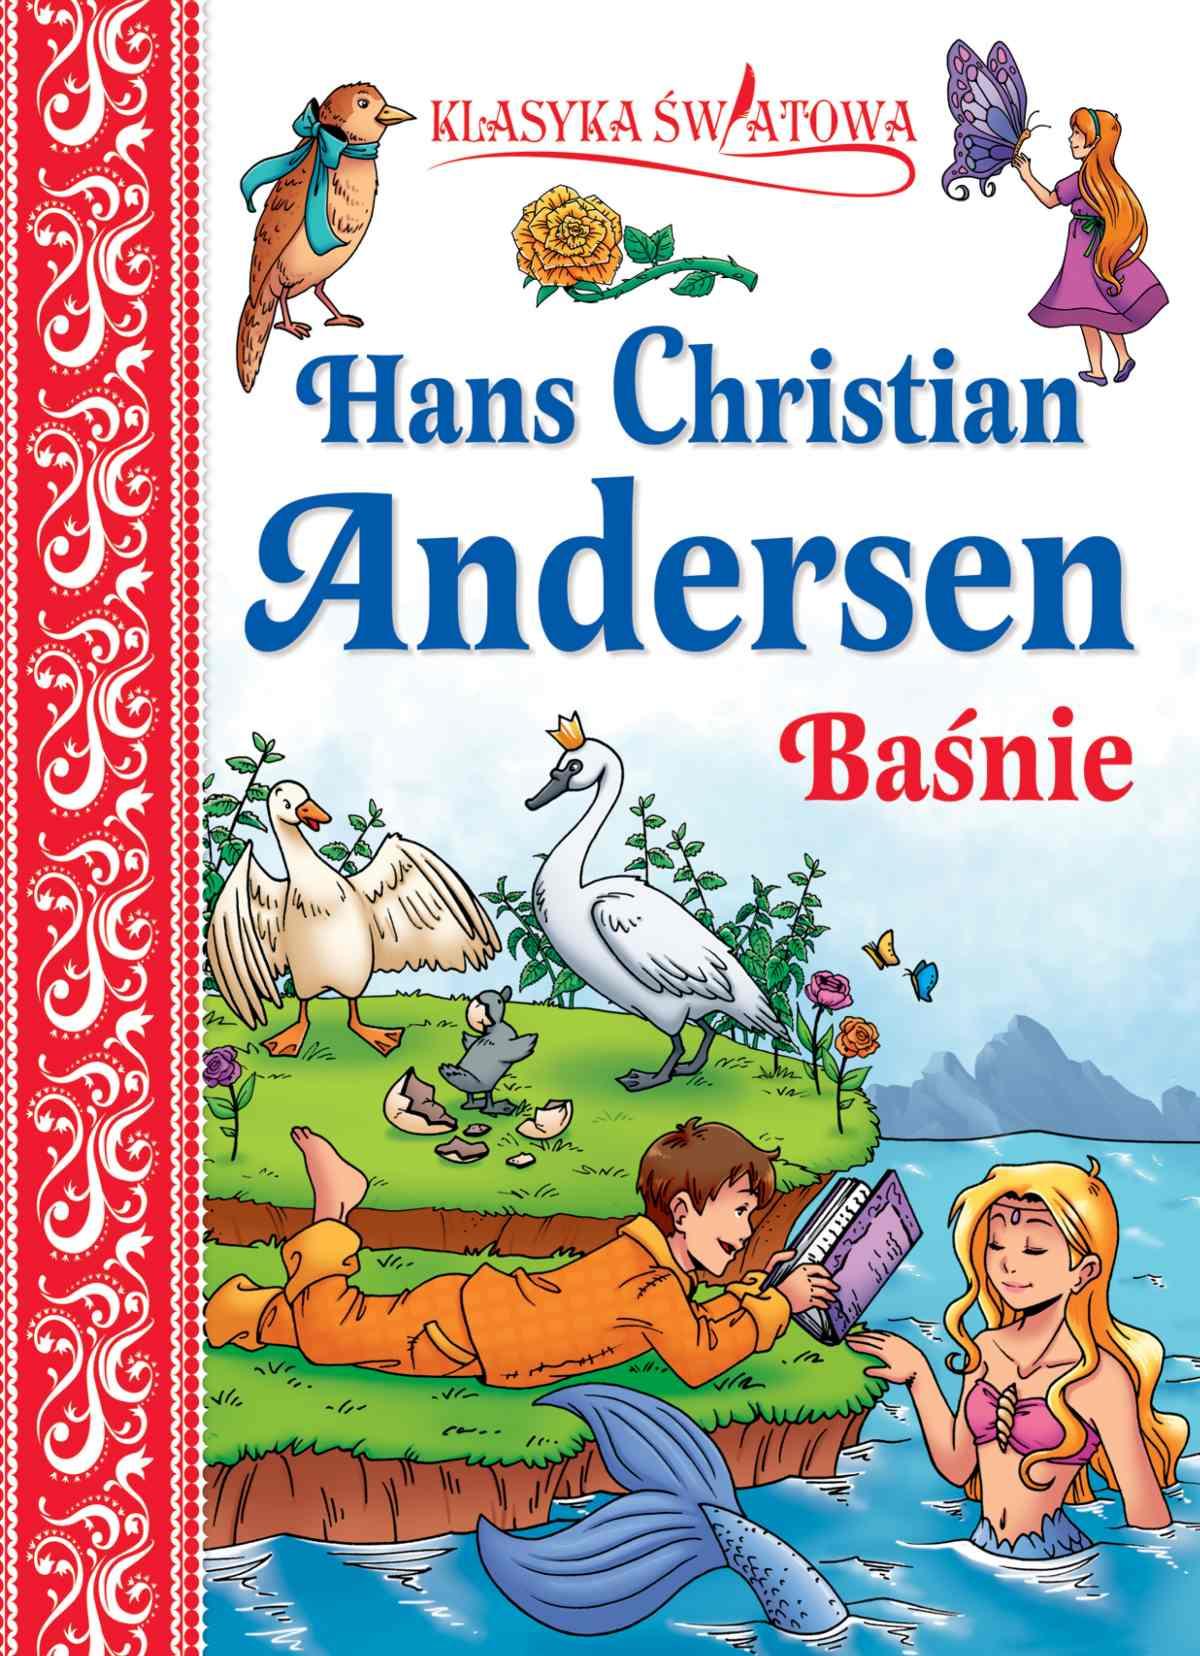 Klasyka światowa. H.Ch. Andersen Baśnie - Ebook (Książka PDF) do pobrania w formacie PDF